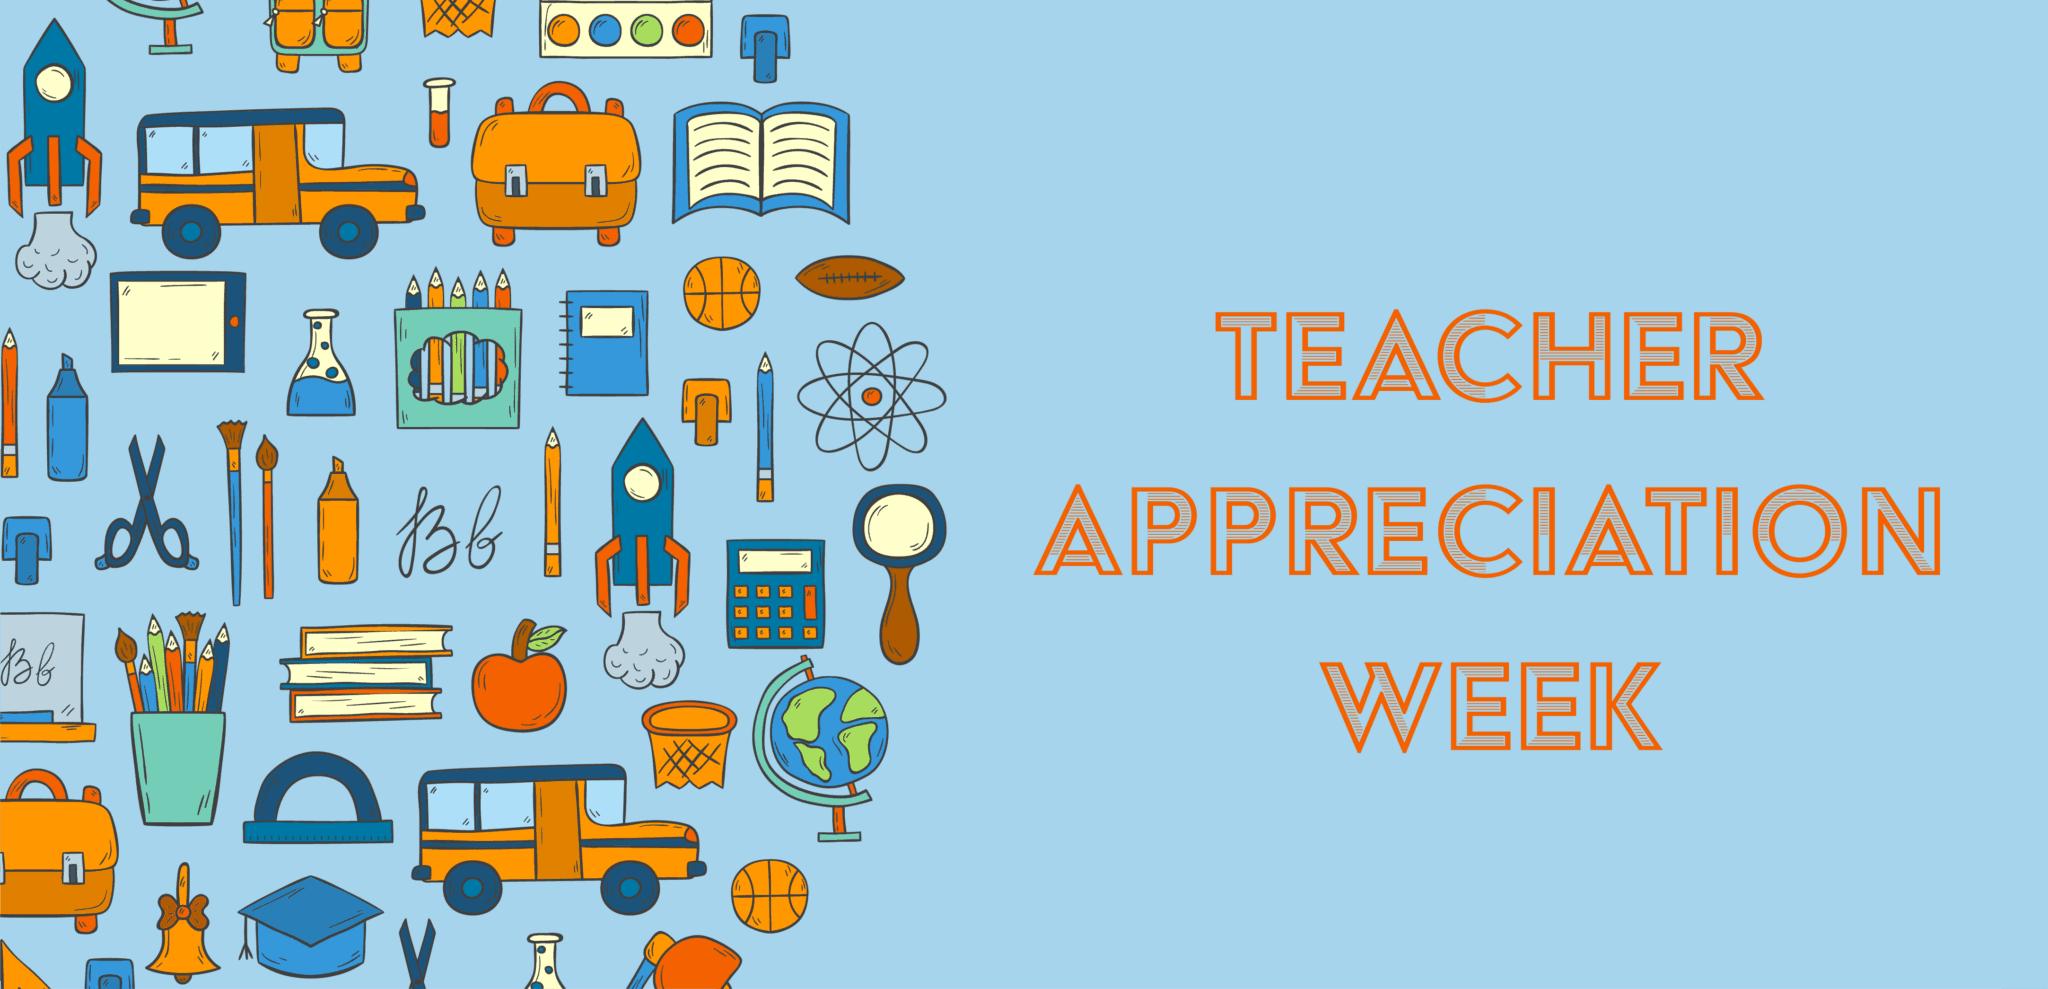 teacher-appreciation-week-01.png